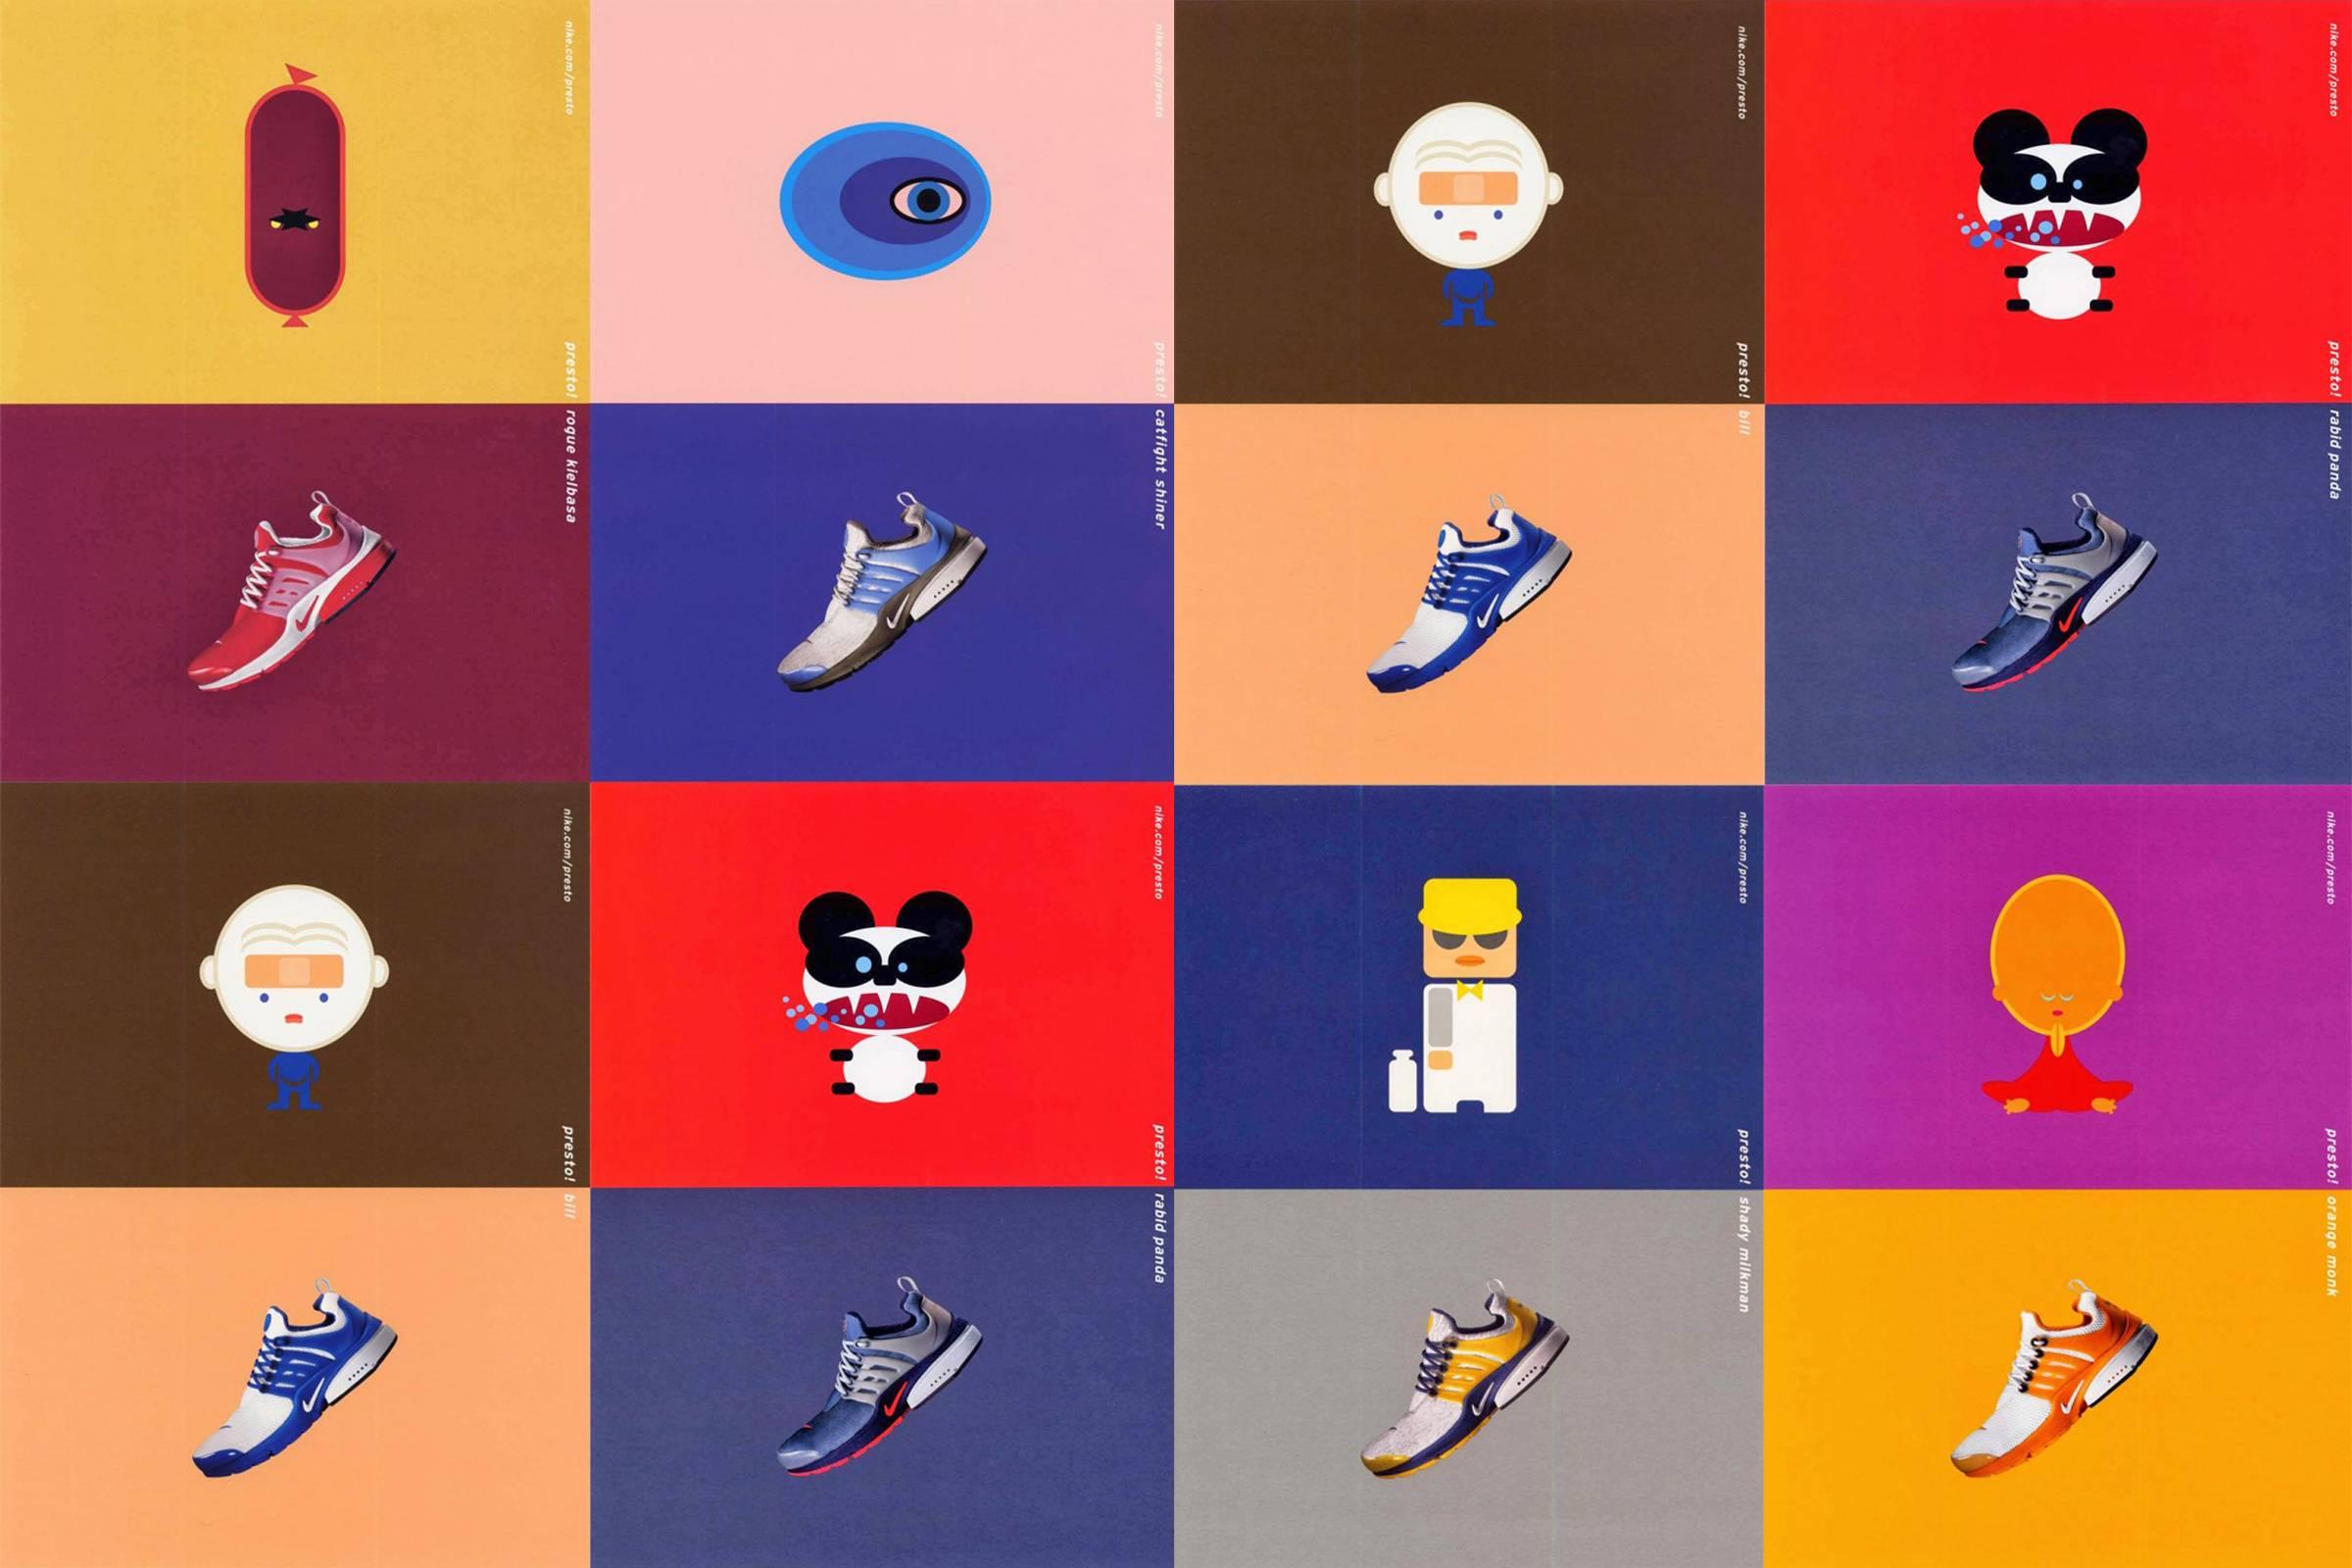 Оригинальный рекламный макет Air Presto с иллюстрациями Моники Тейлор и наименованиями цветовых вариаций пера Дилана Ли